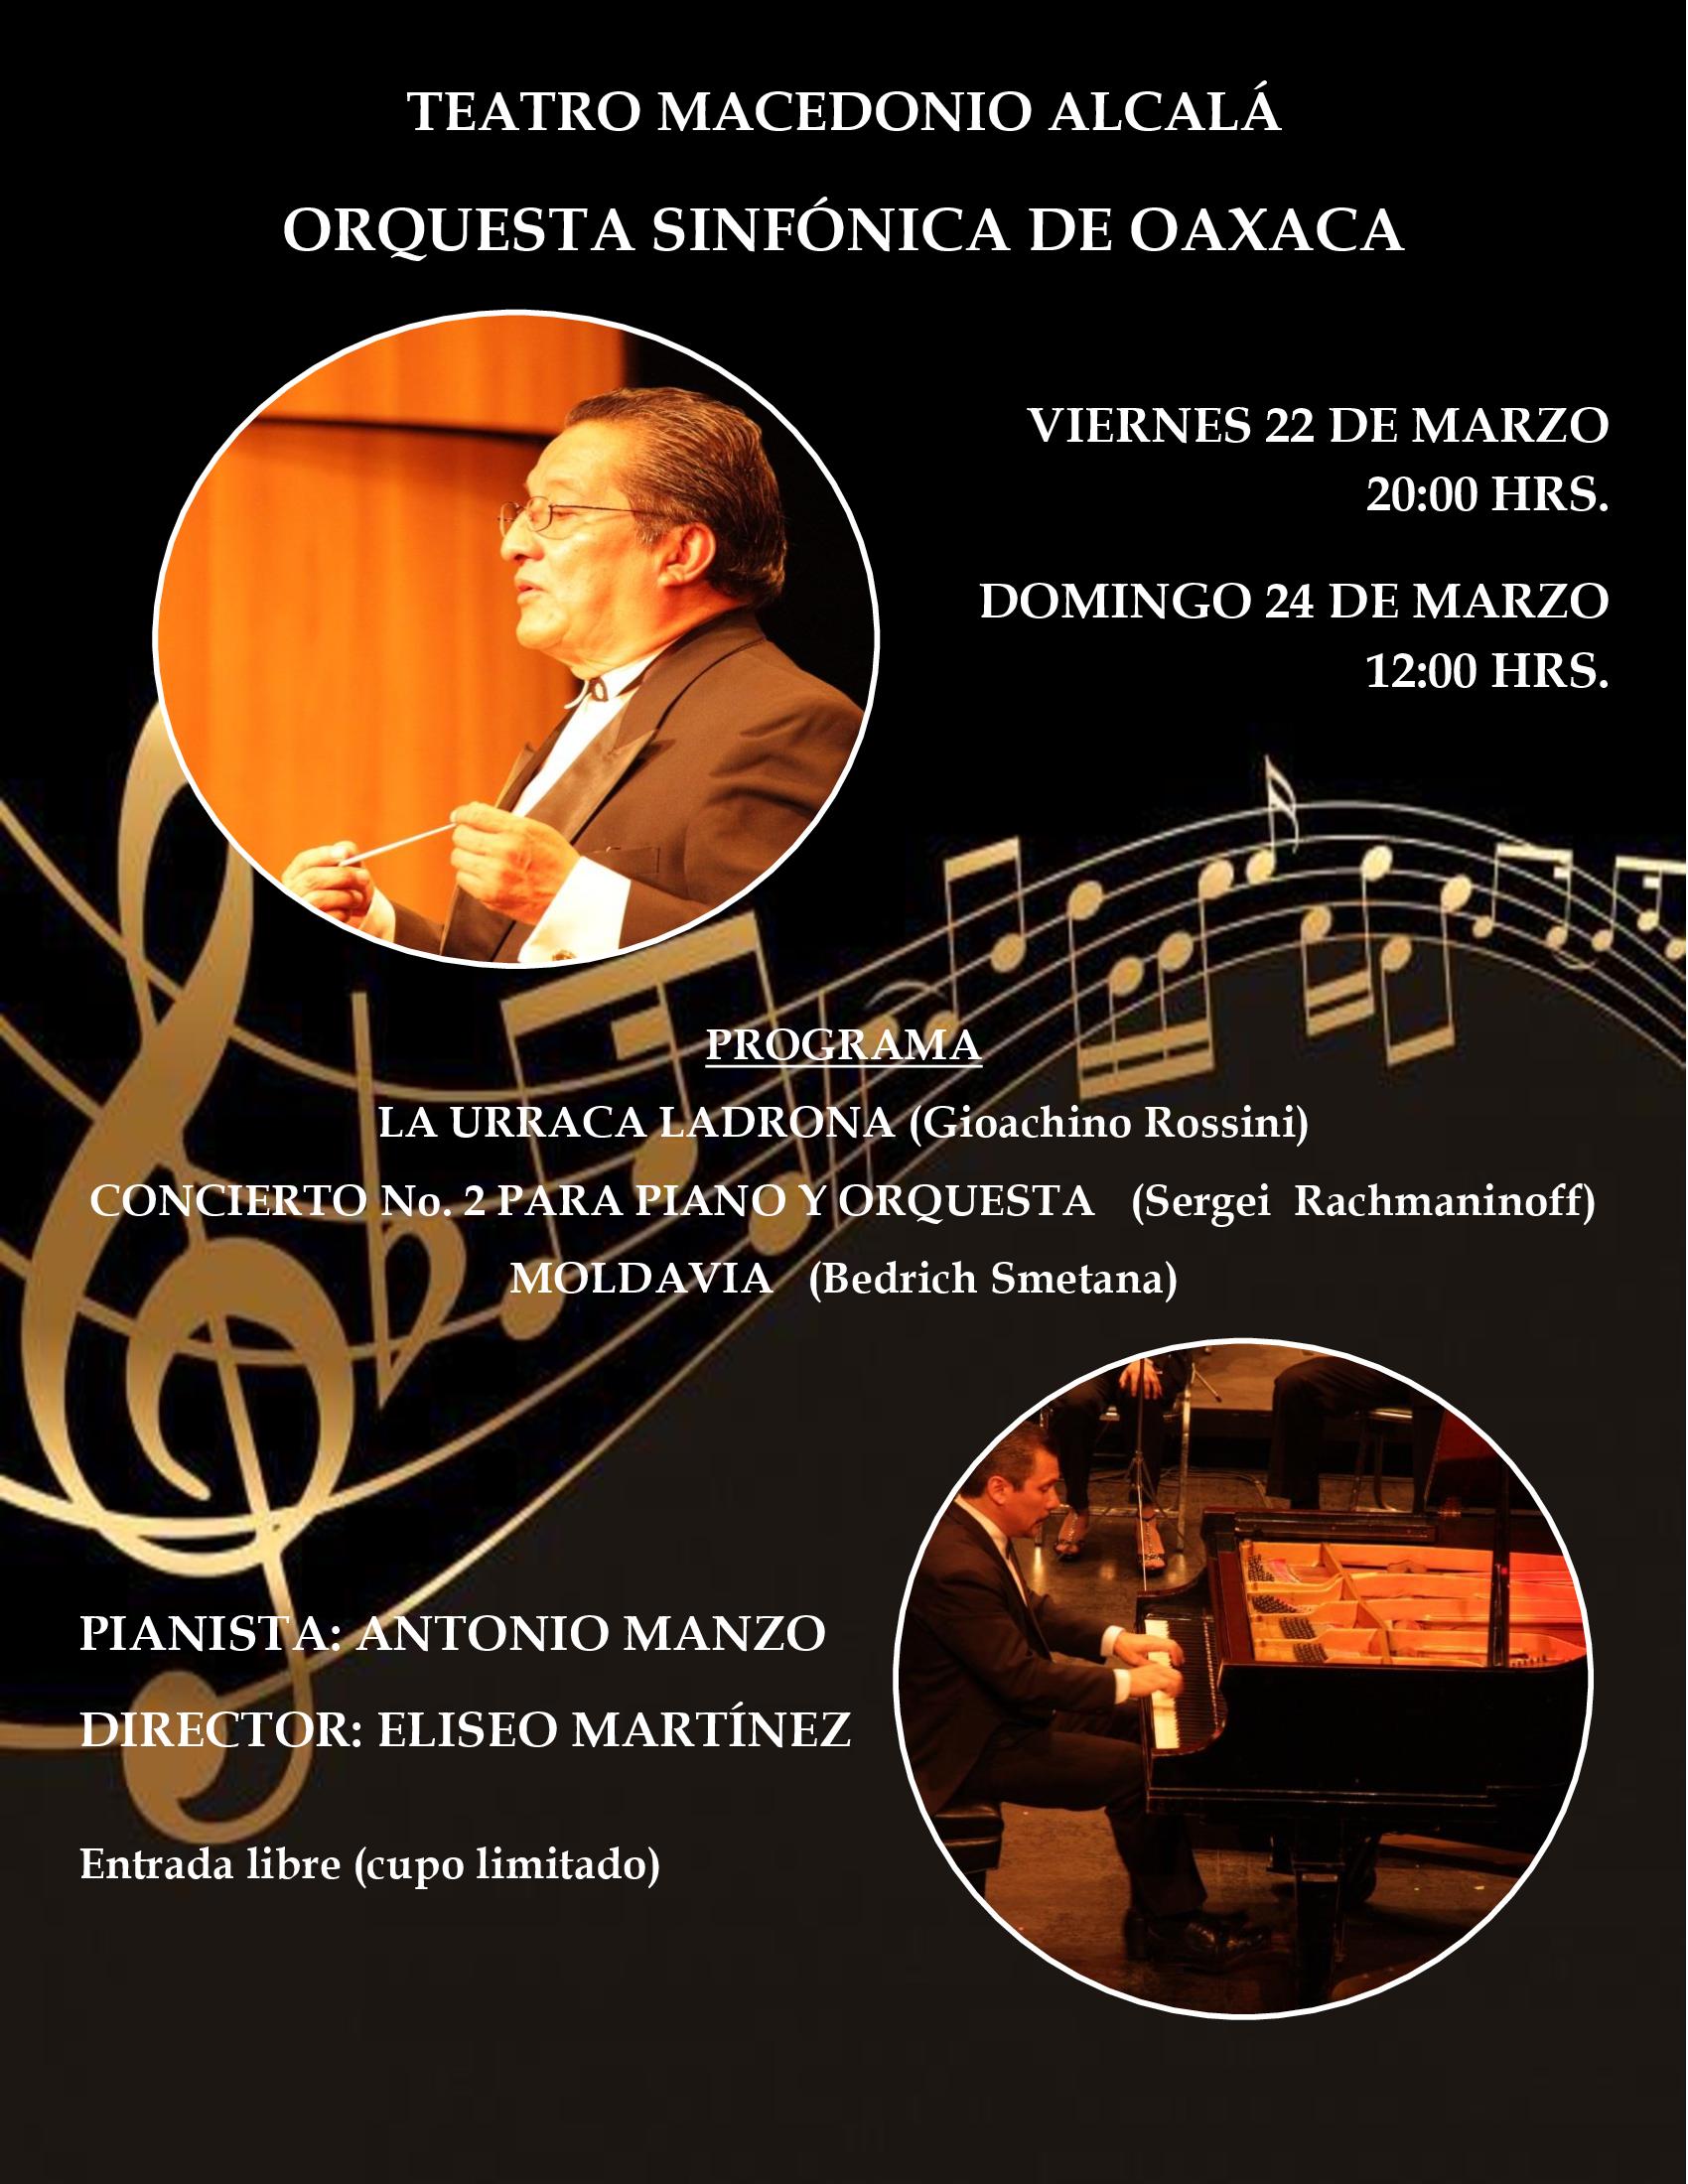 Orquesta Sinfónica de Oaxaca - Concierto 2